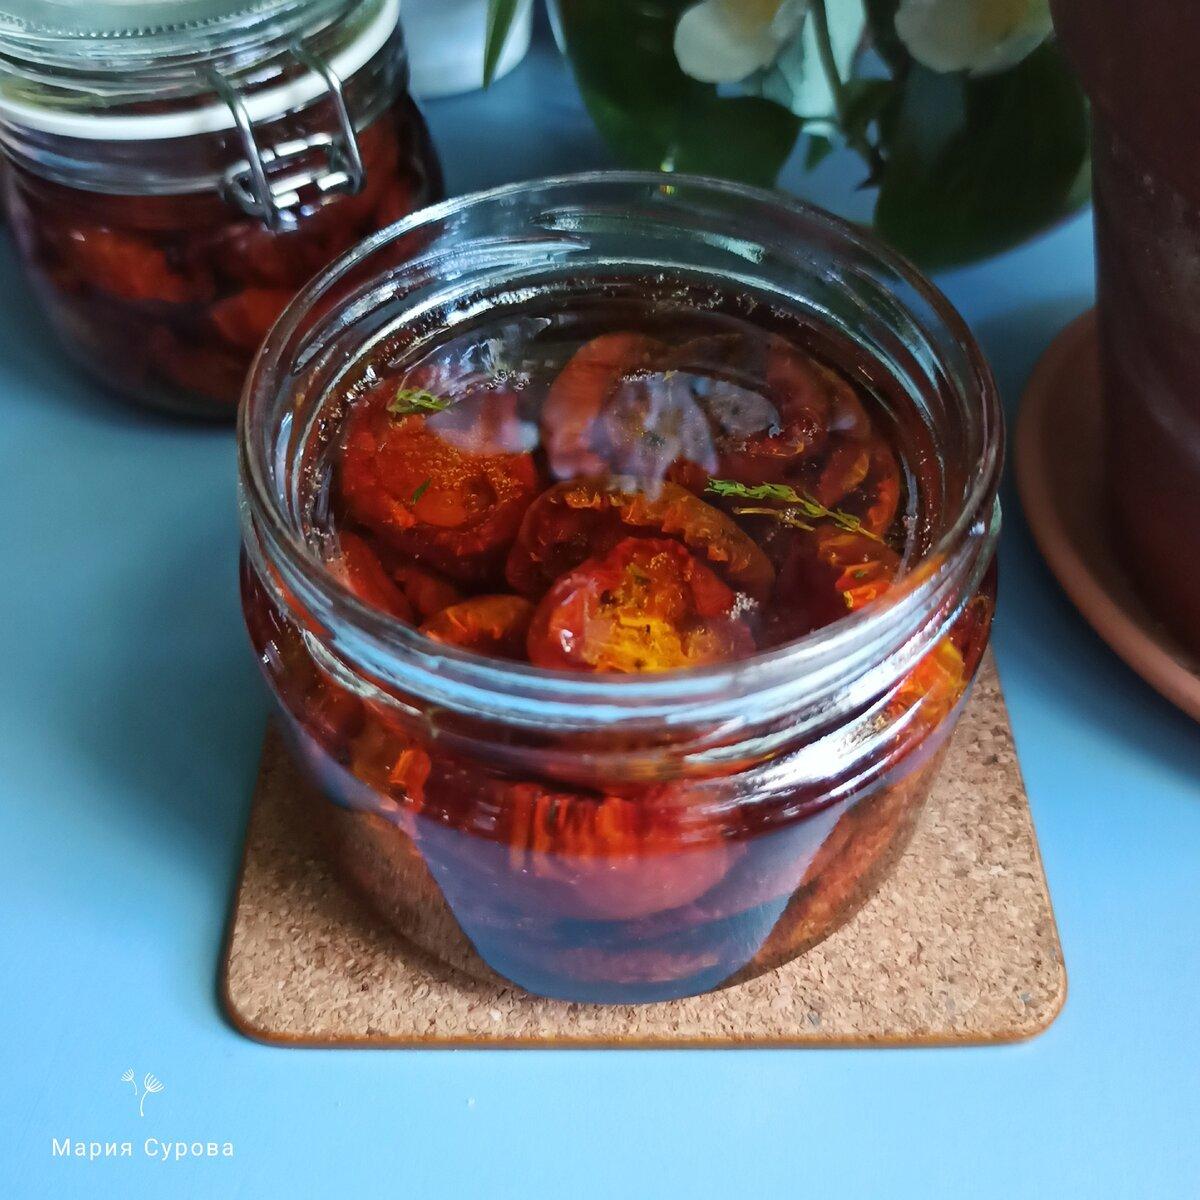 Как приготовить вяленые помидоры на зиму в домашних условиях?